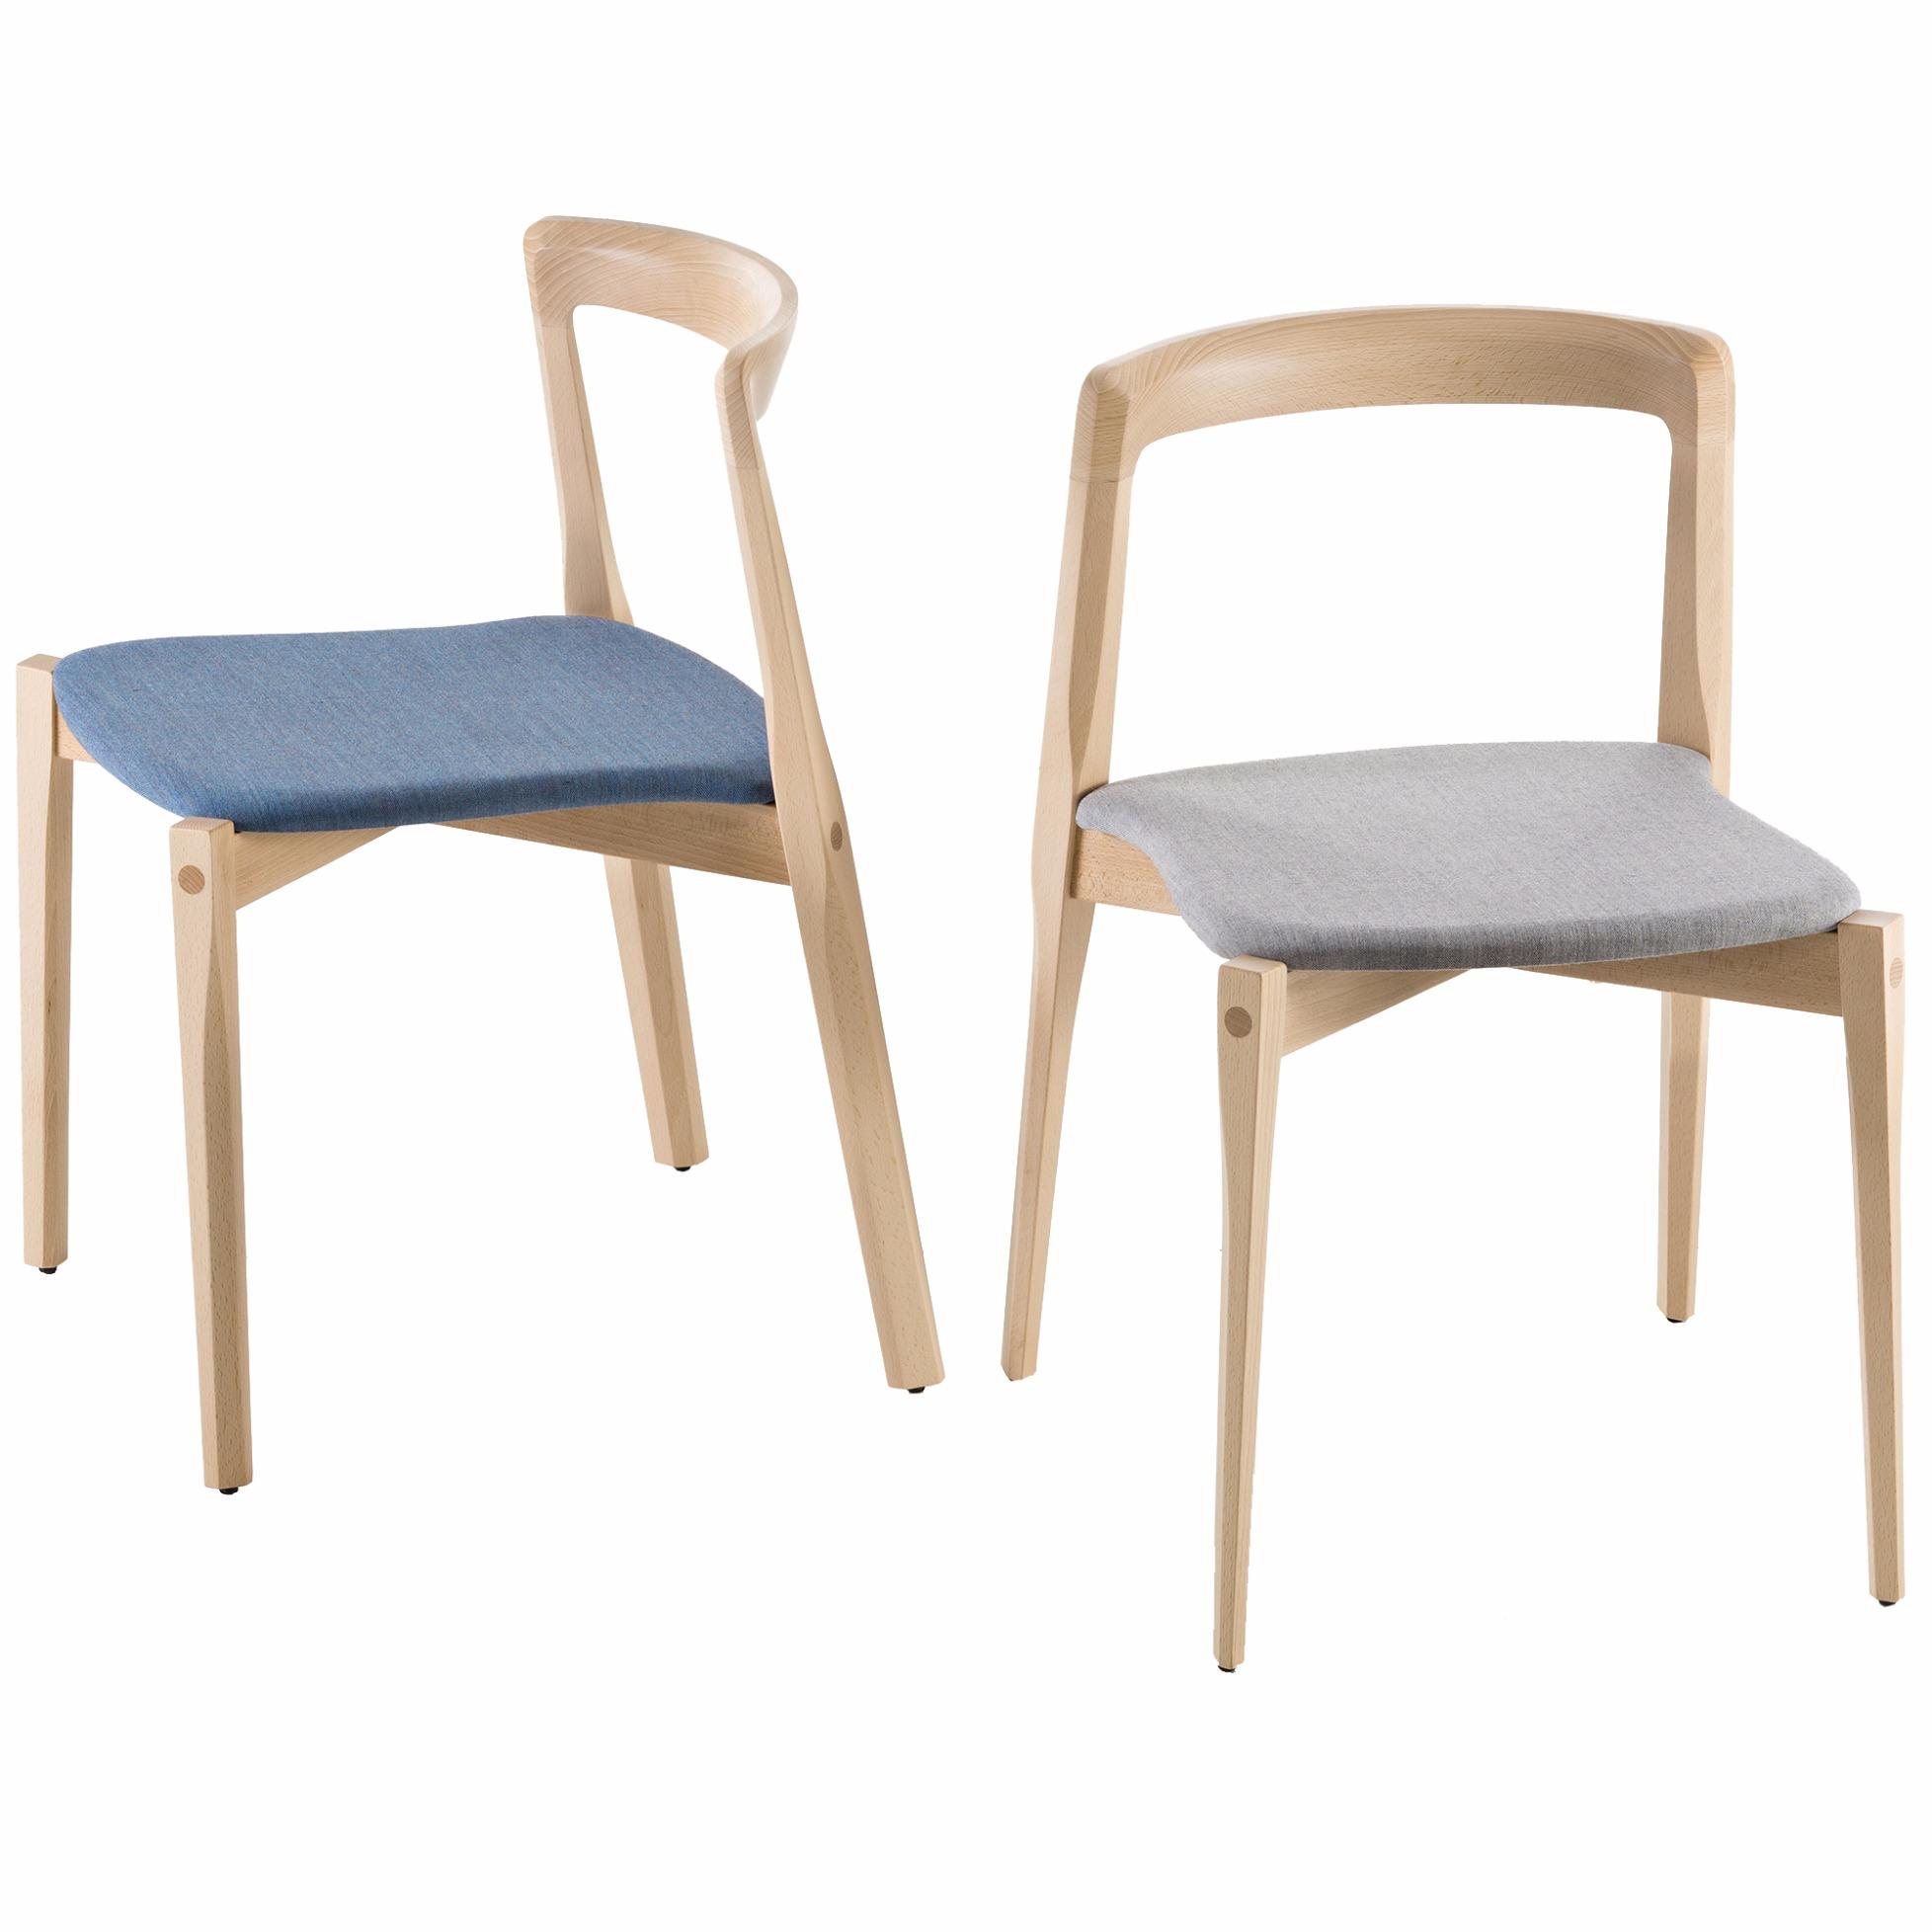 gepolsterter stuhl helix von b line. Black Bedroom Furniture Sets. Home Design Ideas